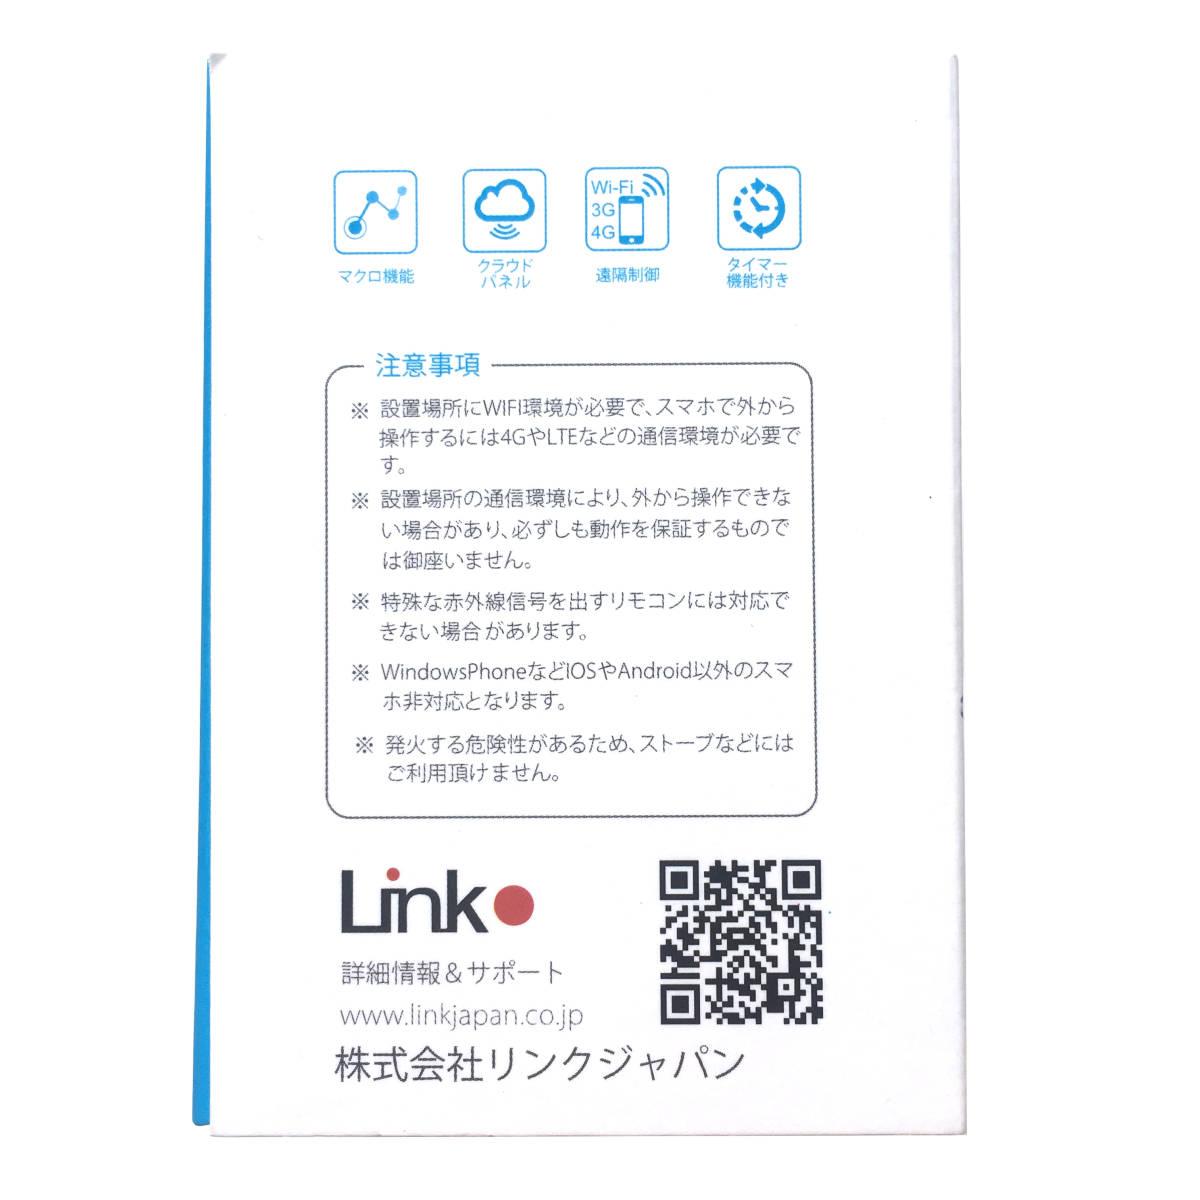 【新品・未開封】 Amazon 第3世代 Echo Dot Alexa対応 スマートスピーカー + LinkJapan eRemote mini IoT リモコン セット IFTTT対応_画像9